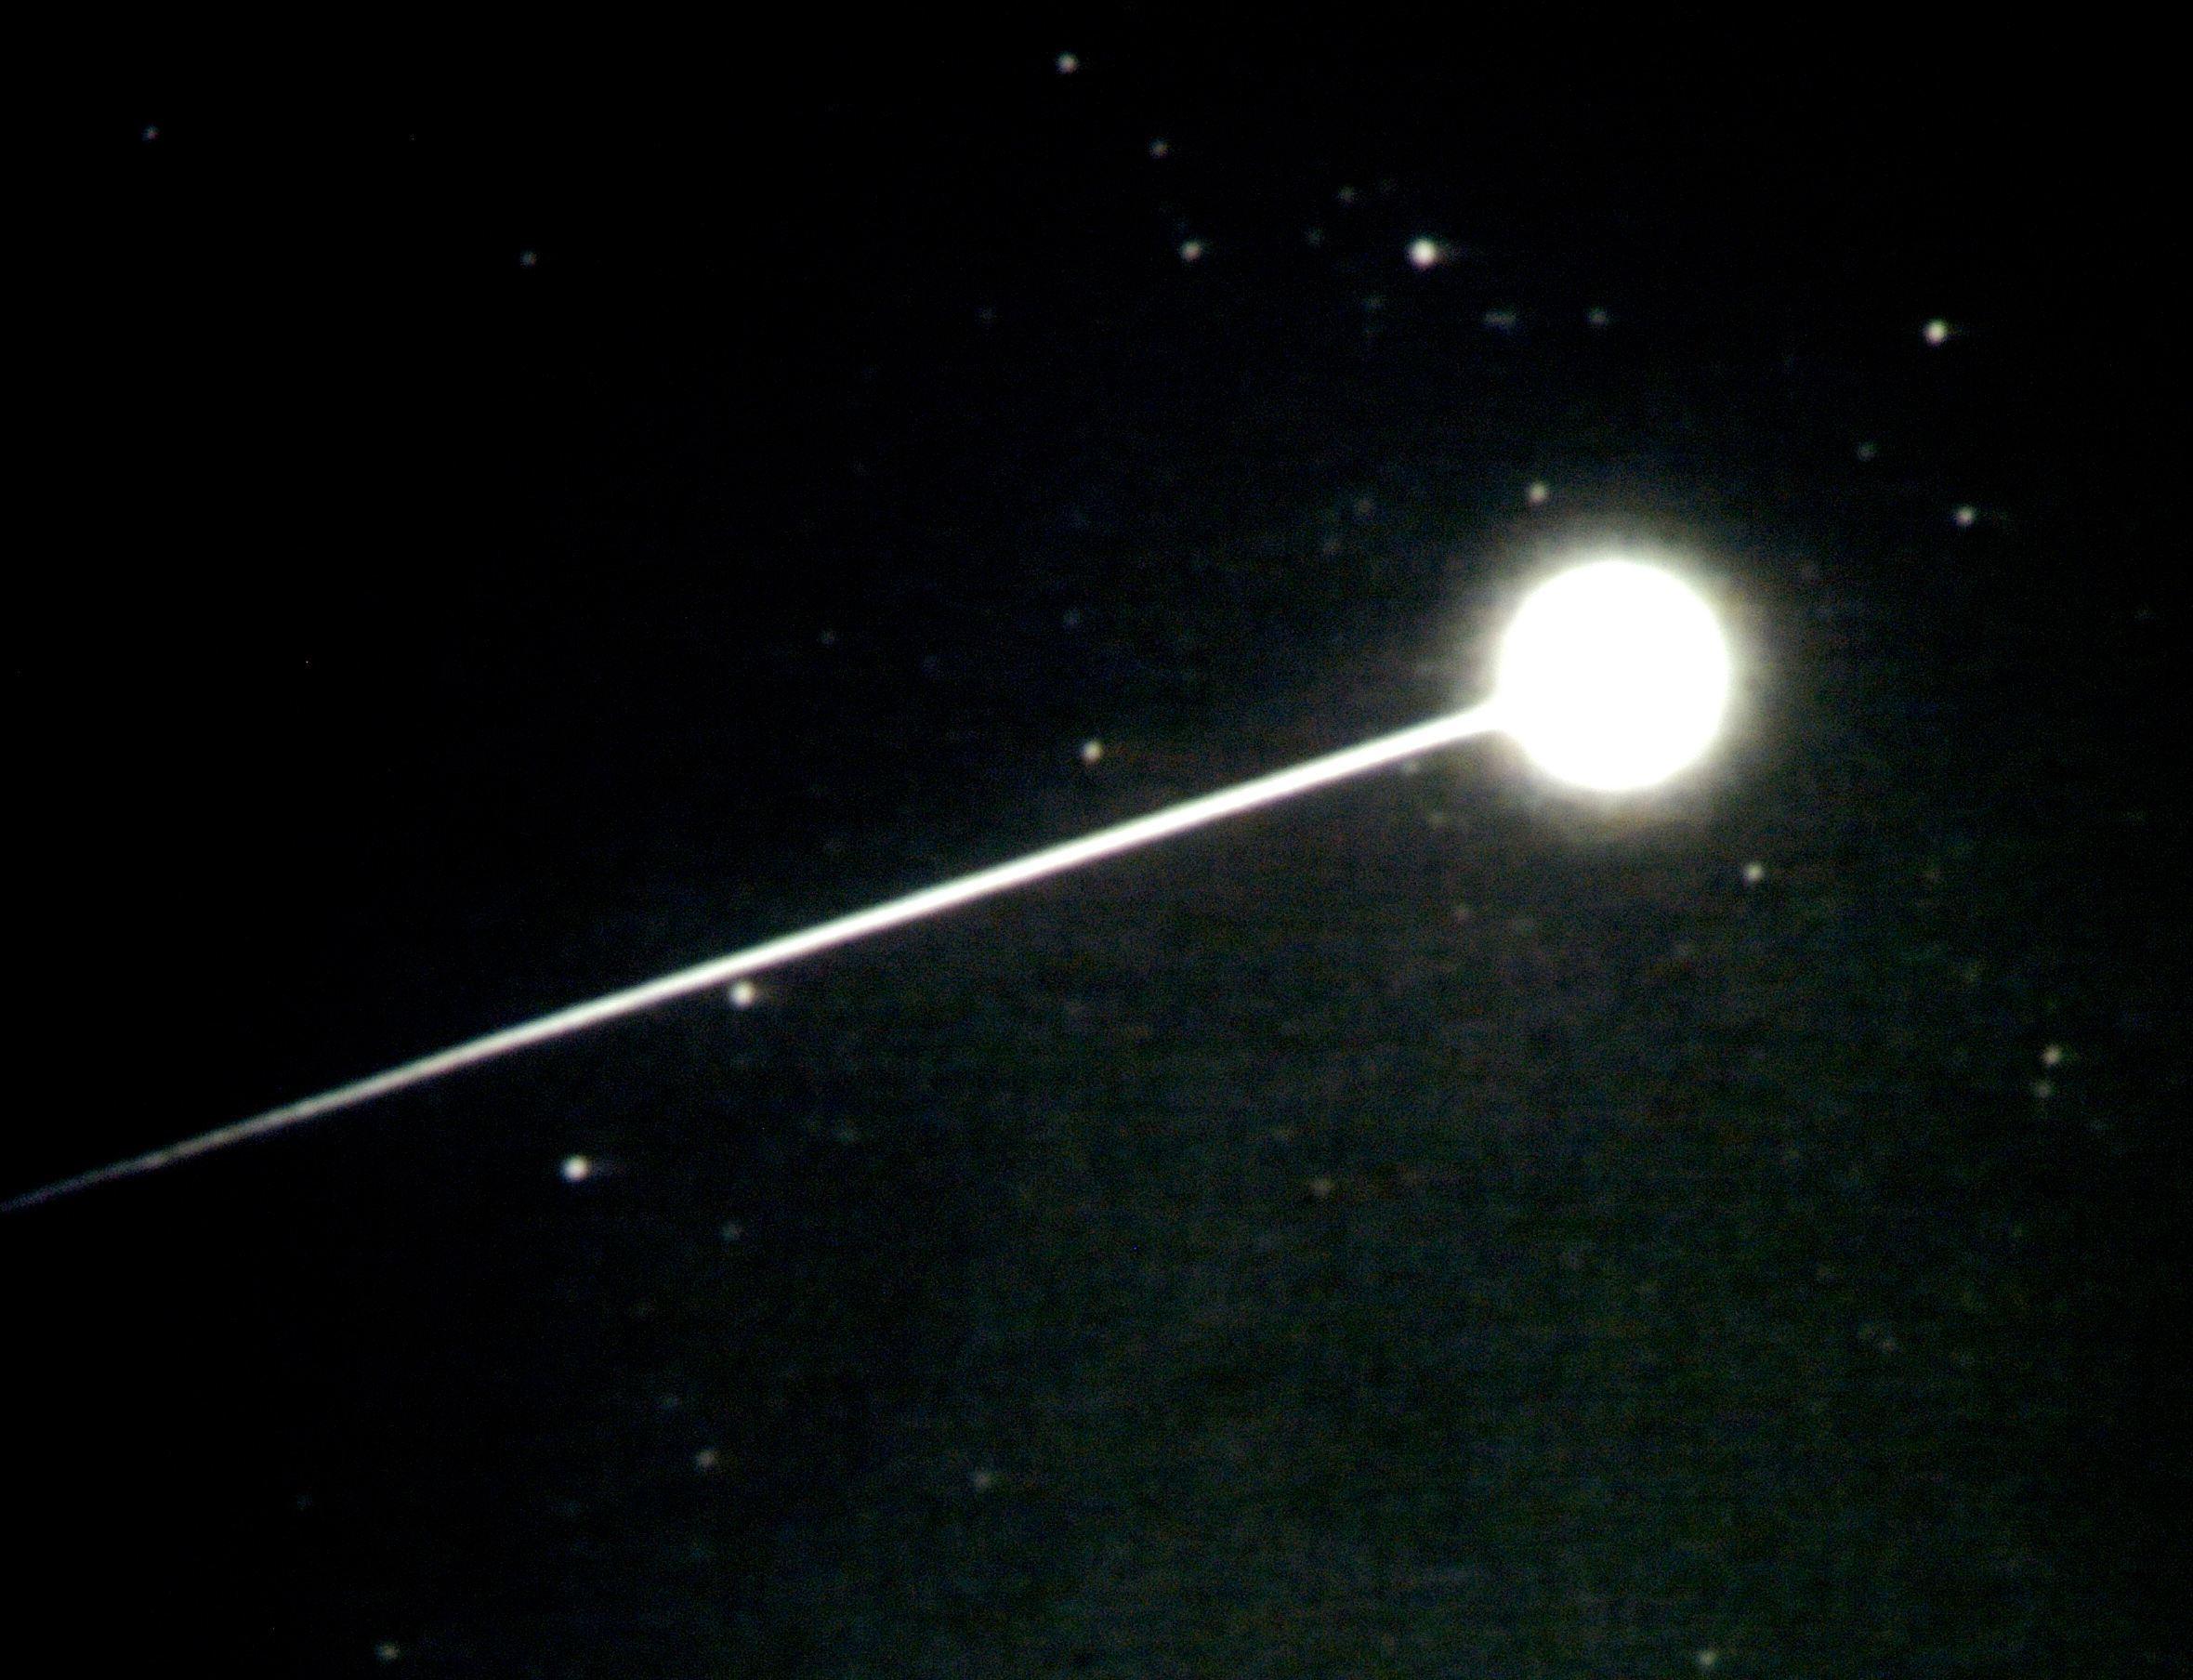 Stardust! Τόνοι εξωγήινης σκόνης πέφτουν κάθε χρόνο στη Γη